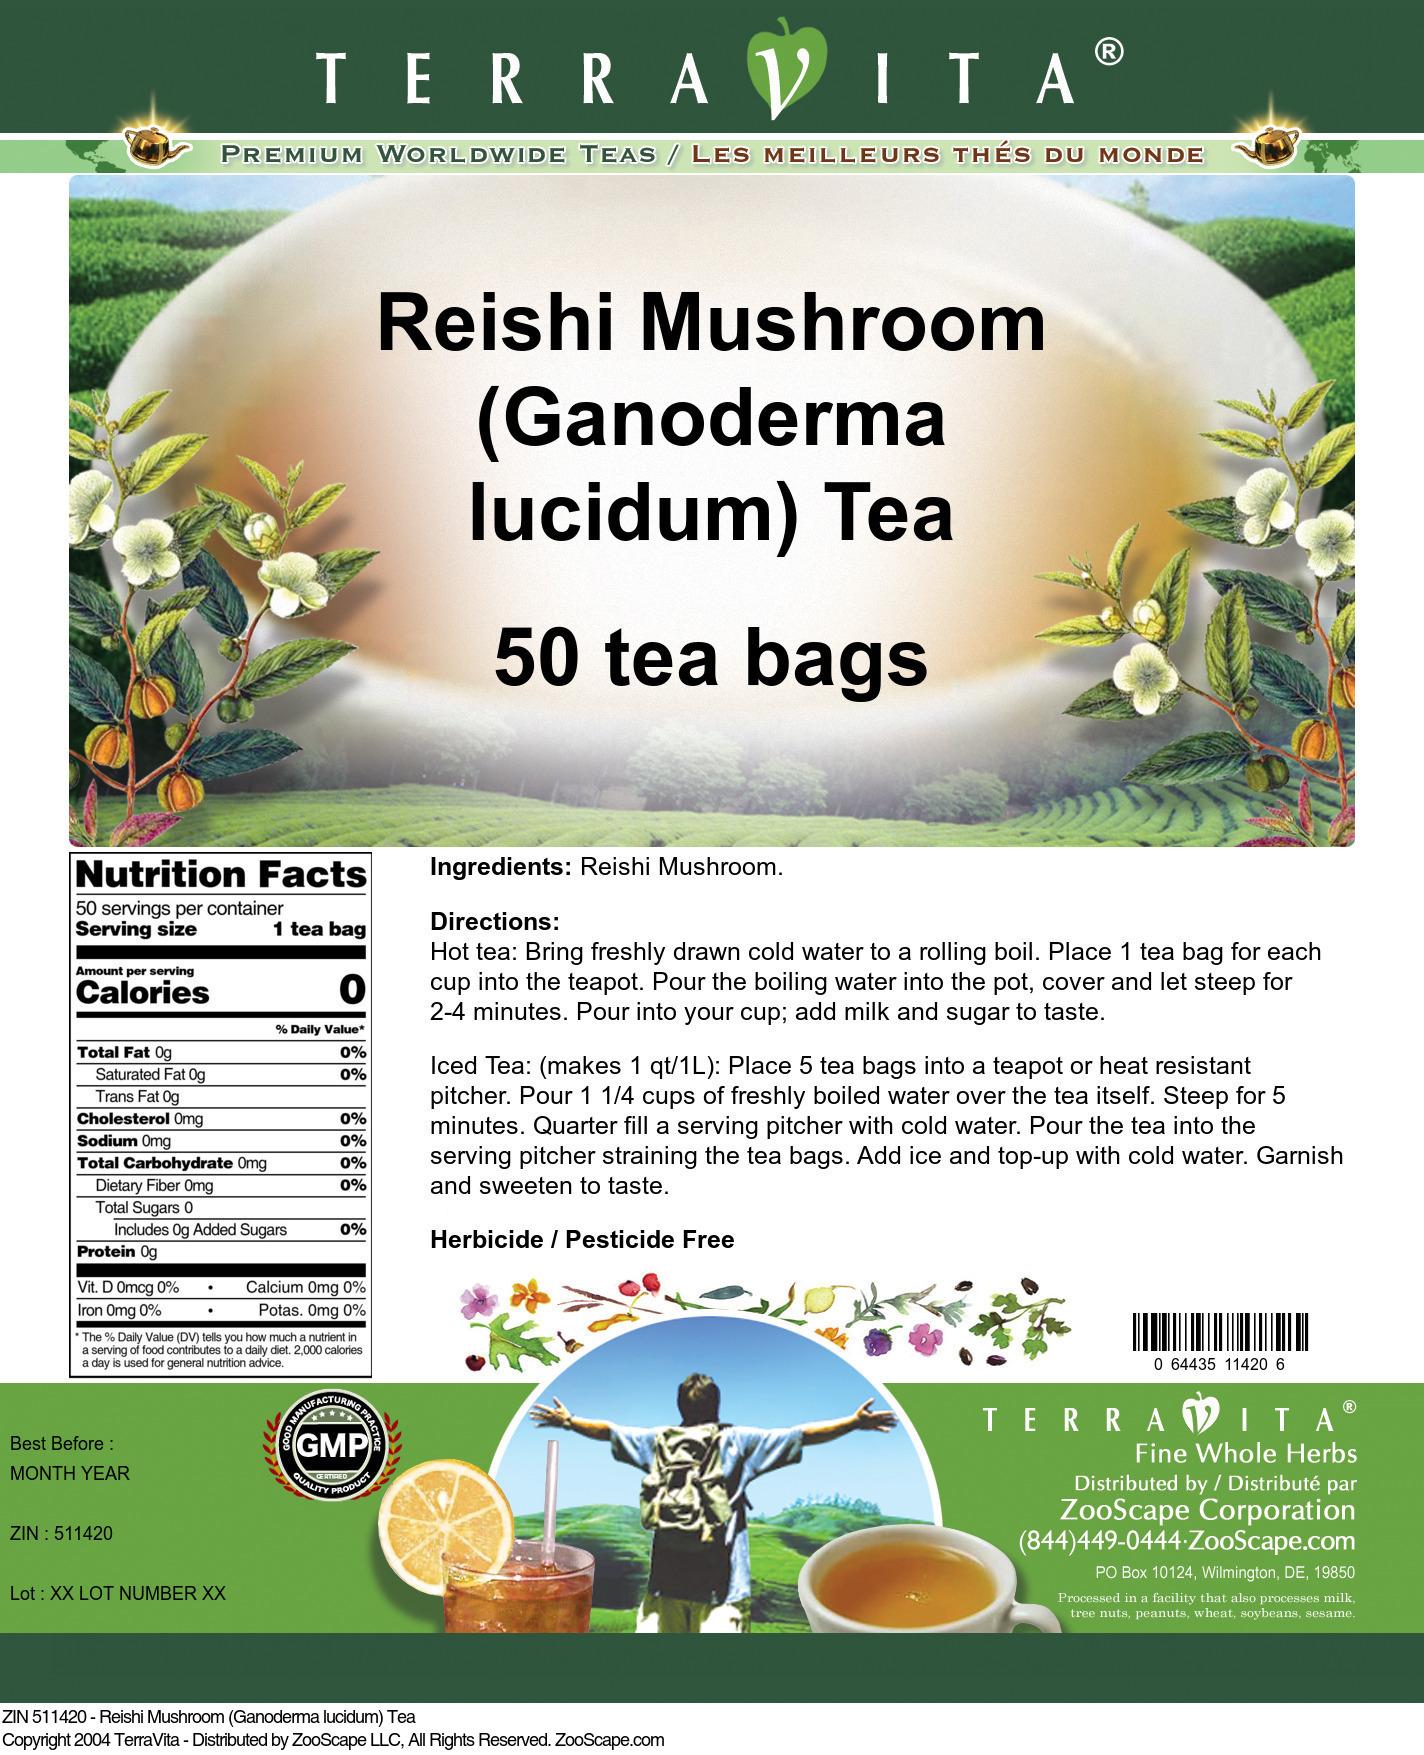 Reishi Mushroom (Ganoderma lucidum) Tea